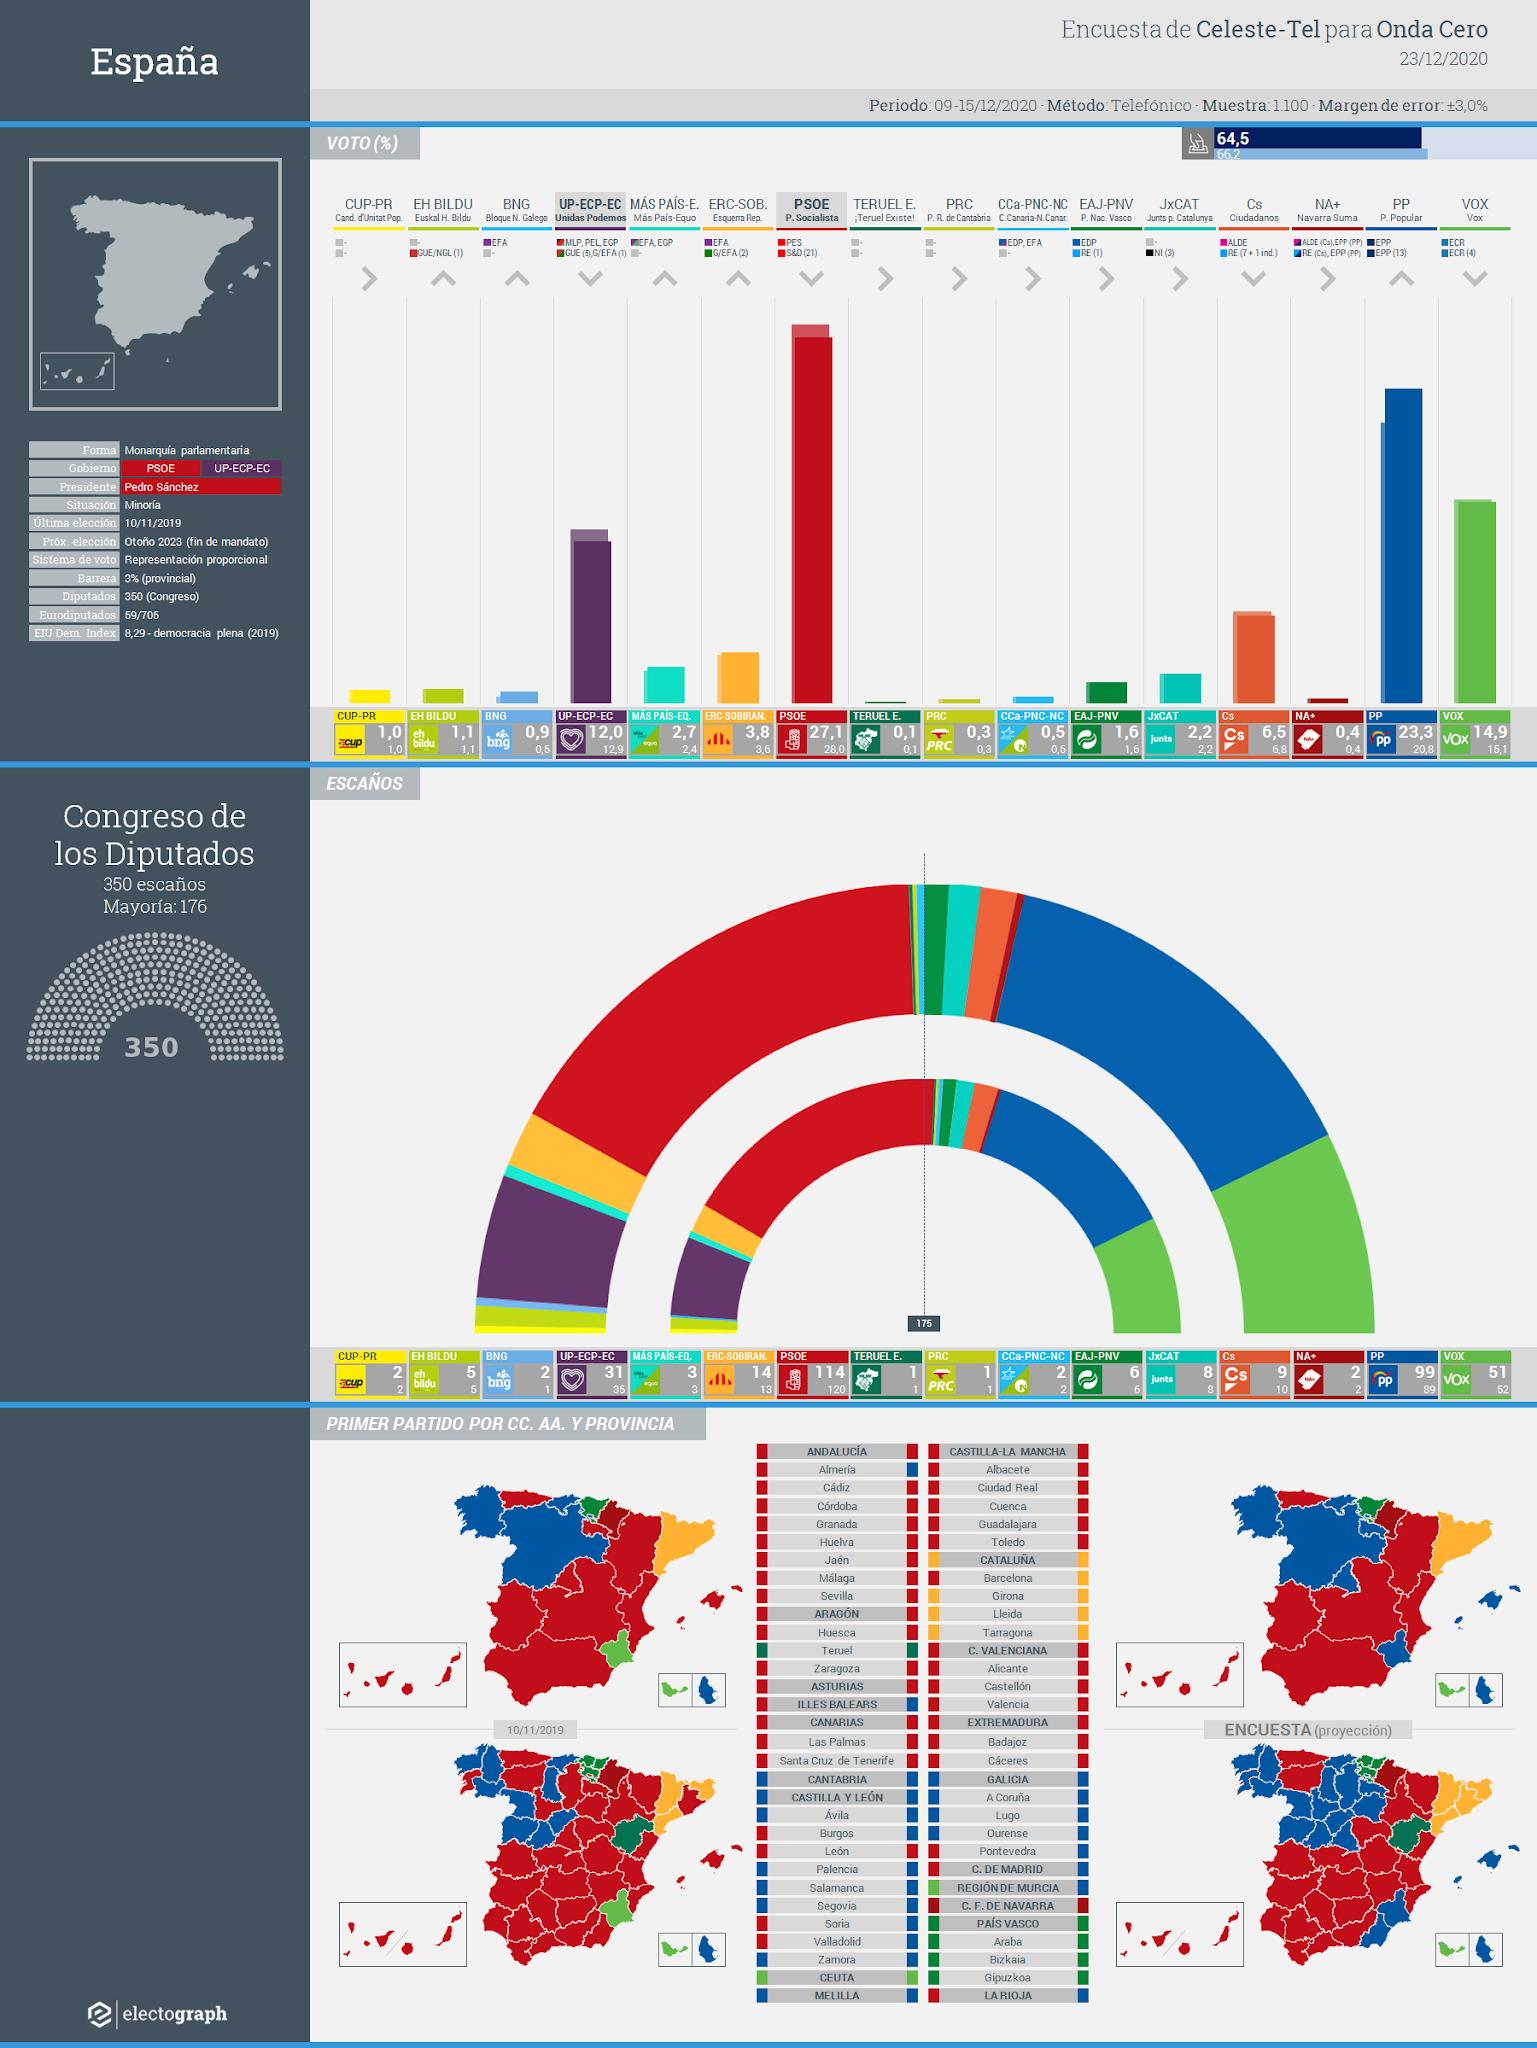 Gráfico de la encuesta para elecciones generales en España realizada por Celeste-Tel para Onda Cero, 23 de diciembre de 2020